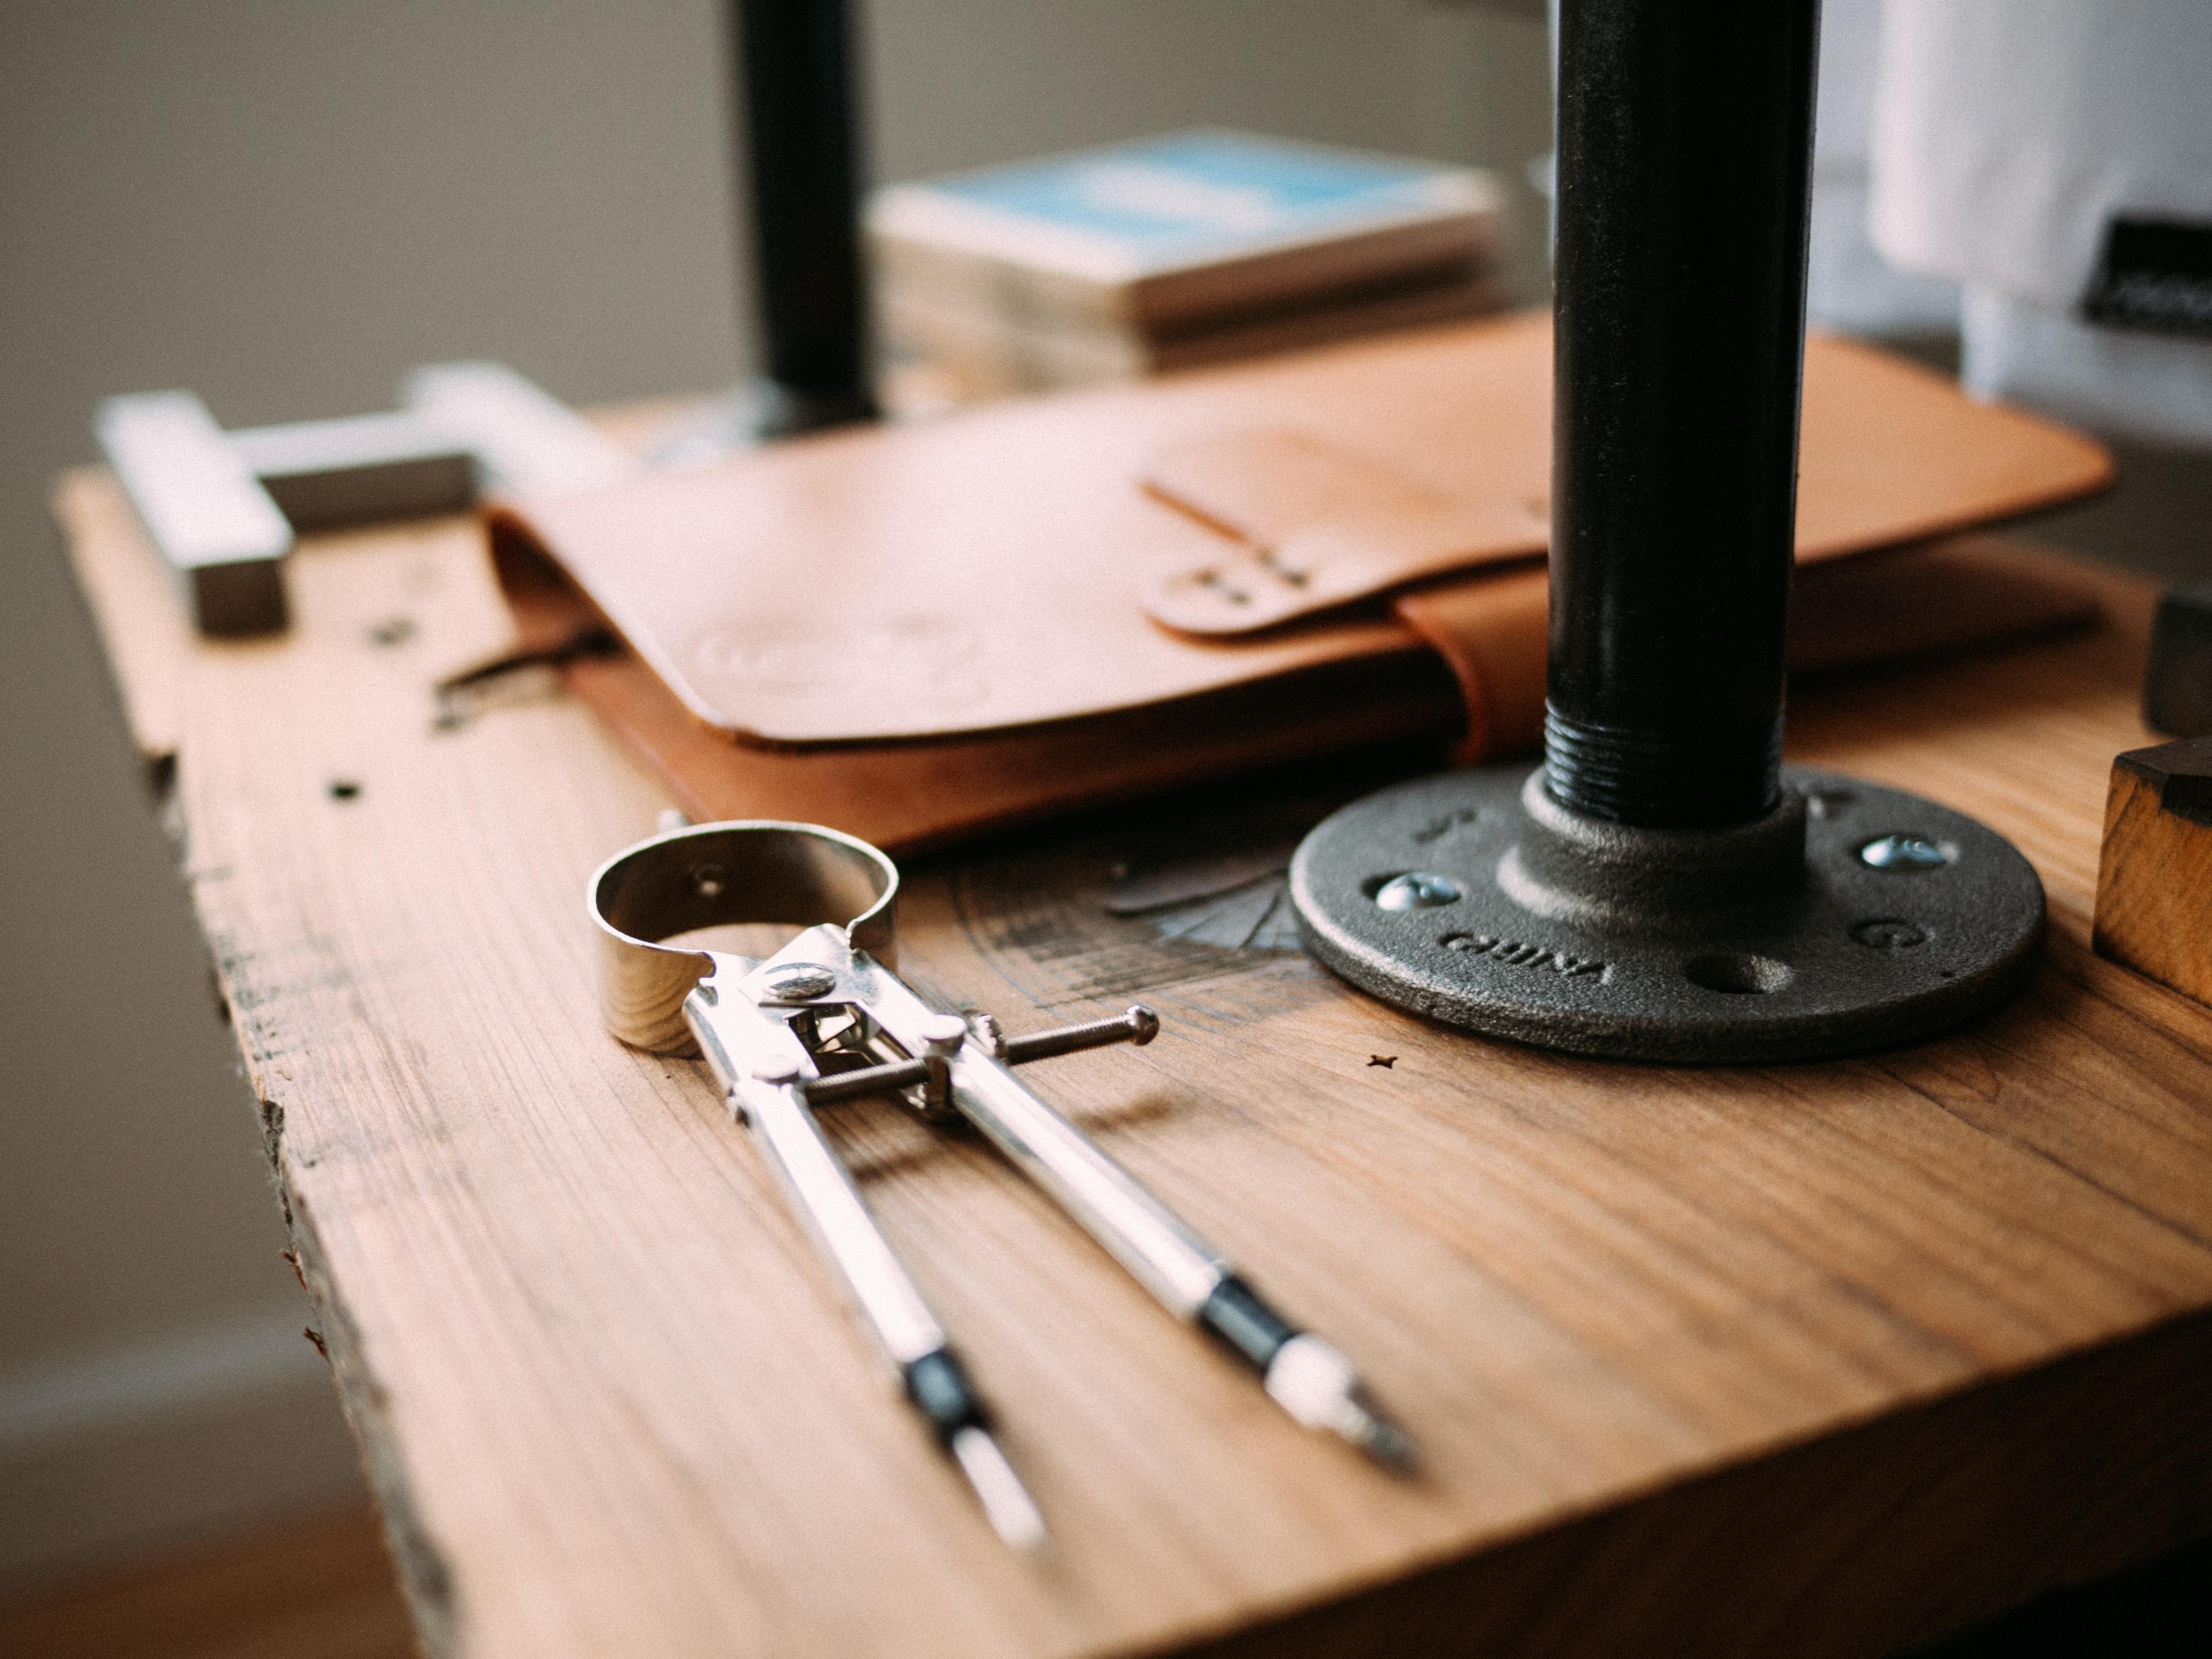 Schreibtisch mit Zirkel und Mappe